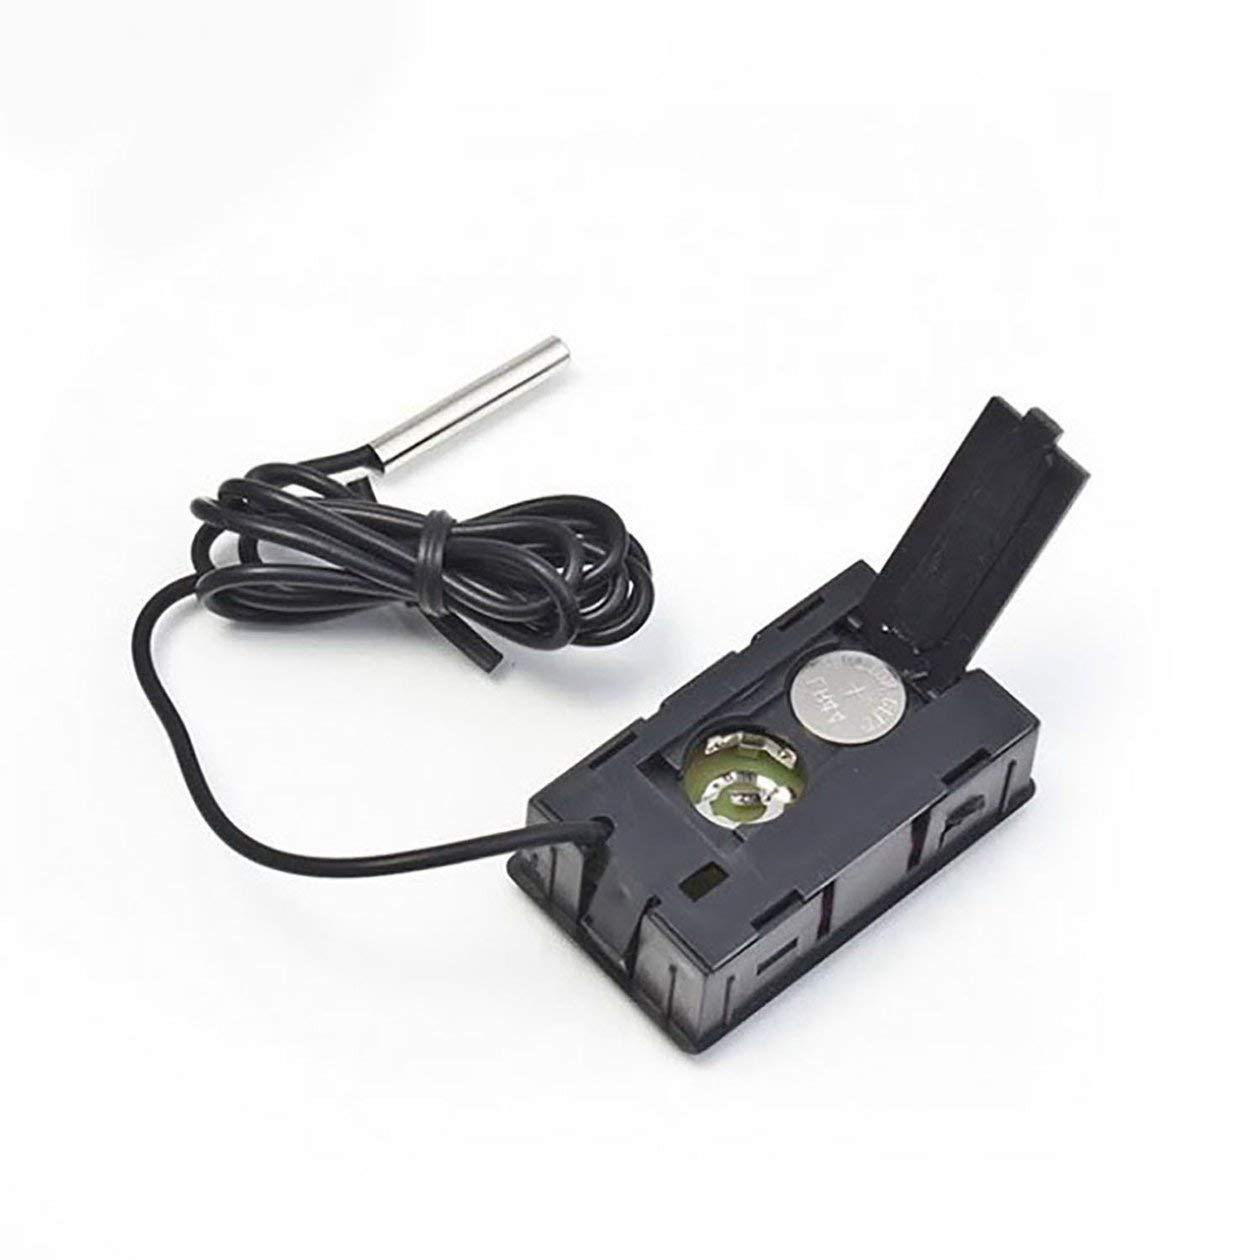 Thermom/ètre de voiture Ornements de voiture Affichage LCD Horloge num/érique Car-Styling Indicateur de temp/érature pour compteur de poissons R/éfrig/érateur couleur: noir